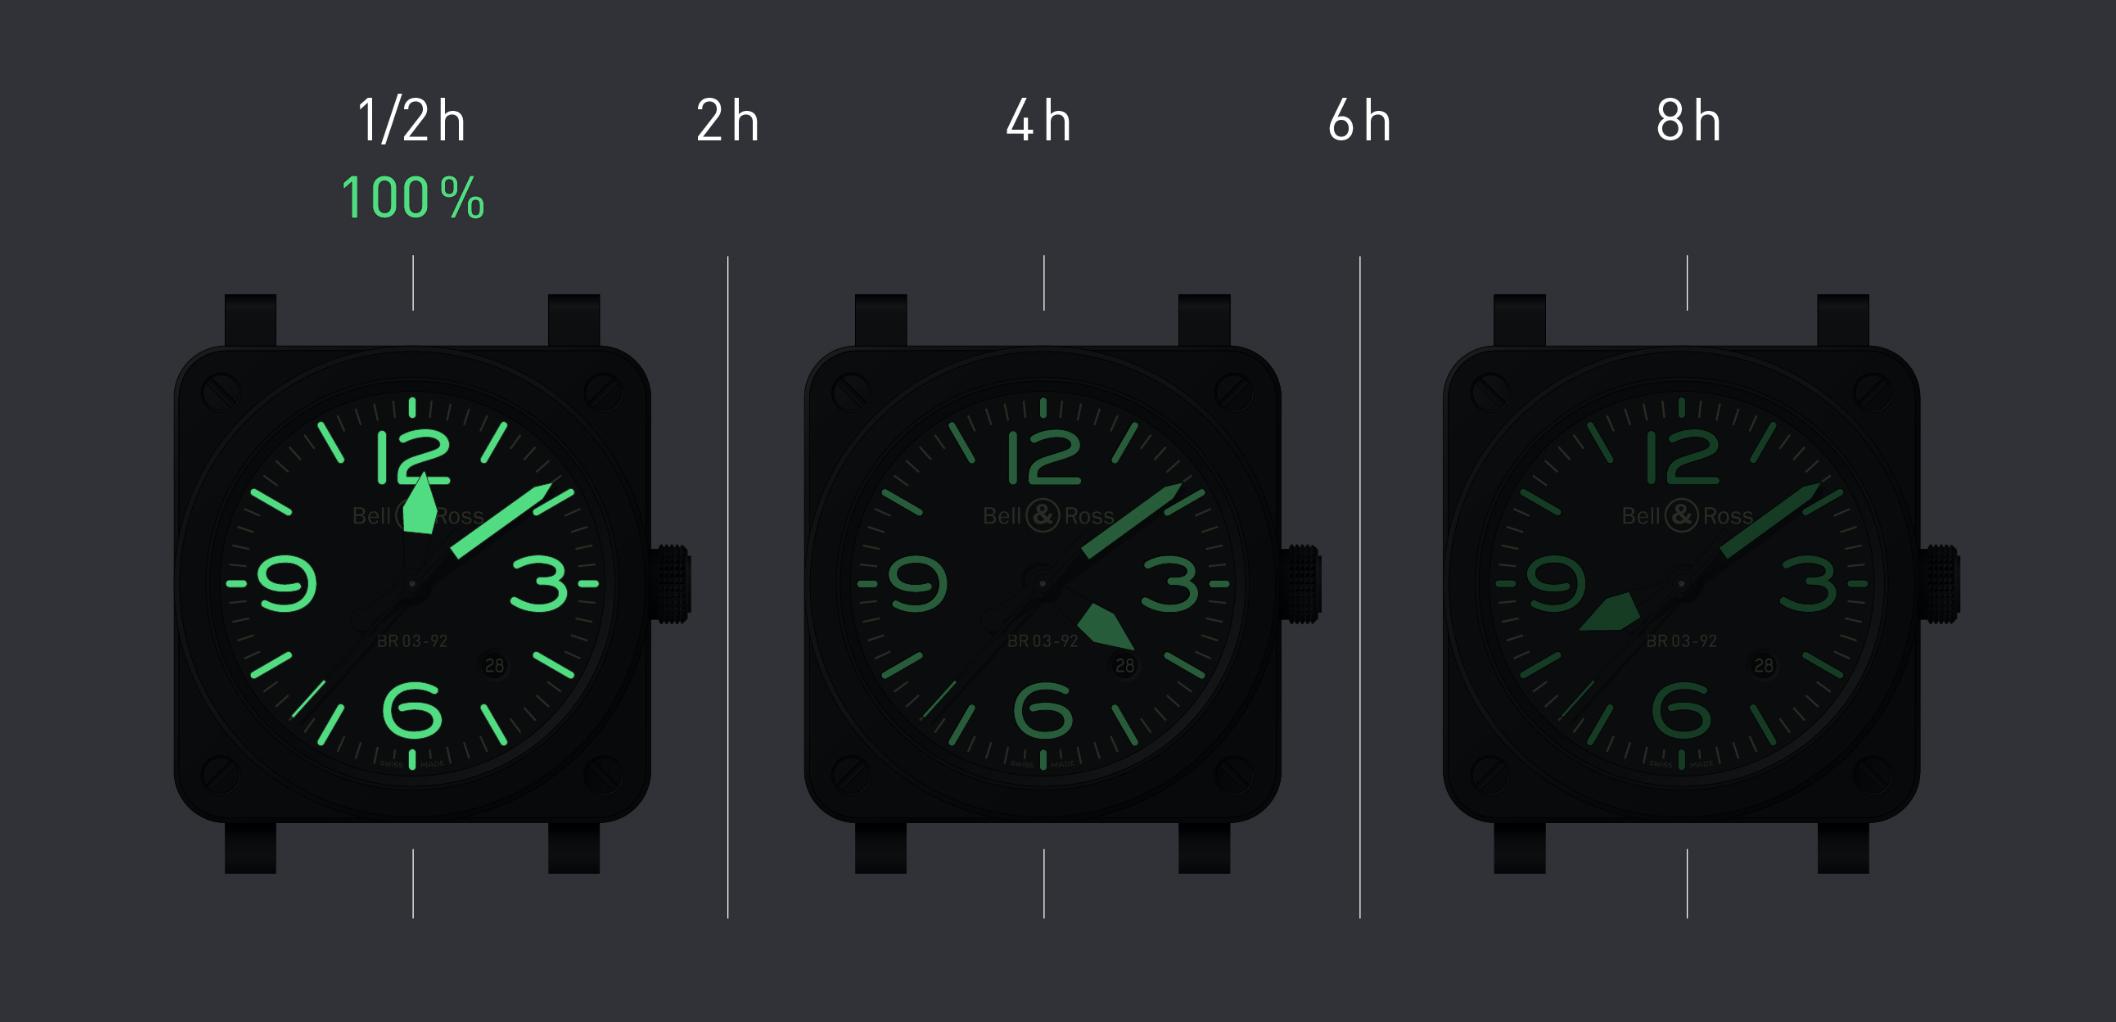 Continuando con su legado de precisión y luminosidad, Bell & Ross presenta una nueva pieza relojera dentro de la colección LUM.  Esta línea que ha sido un parteaguas para la Casa Relojera experta en la creación de relojes profesionales de aviación, sigue fortaleciendo sus conexiones con el mundo de la puntualidad. Fue en el 2017 cuando Bell & Ross lanzó LUM y BR03-92 Horolum fue la primera pieza. Posteriormente continuó con BR03-94 Horolum, el BR03-92 Nghtlum, BR03-92 Full Lum y por último, hasta el momento, el BR03-92 Grey Lum.  El nuevo BR03-92 Grey Lum de Bell & Ross  En su denominación, LUM es el sufijo de luz, por lo tanto, esta colección tan icónica como única de Bell & Ross representa en cada modelo la luminosidad dentro de la carátula, manecillas o en los números. Desde su creación, estos relojes se han caracterizado por estar desarrollados en cajas de acero pulido con chorro de arena o cerámica mate, todo con Superluminova® C3. Un elemento clave para Bell & Ross en la lectura con luz dentro de sus modelos.  El nuevo BR03-92 Grey Lum se distingue por su óptima legibilidad del tiempo gracias al tratamiento Superluminova® C3 sobre la carátula gris antracita y acabados con efecto. Por otro lado, el color de las agujas y los números 3,6,9 y 12 hacen más fácil la lectura de las horas y minutos aún en espacios sumamente oscuros.  Con un calibre BR-CAL-302 de remonte mecánico automático, este nuevo integrante ofrece una hermeticidad de hasta 100 metros al estar protegido por un cristal de zafiro con tratamiento antirreflejos. A través con una correa de piel de becerro gris verde y tela sintética ultrarrestinte negra, usted podrá leer siempre la hora sin importa si es de día o de noche.